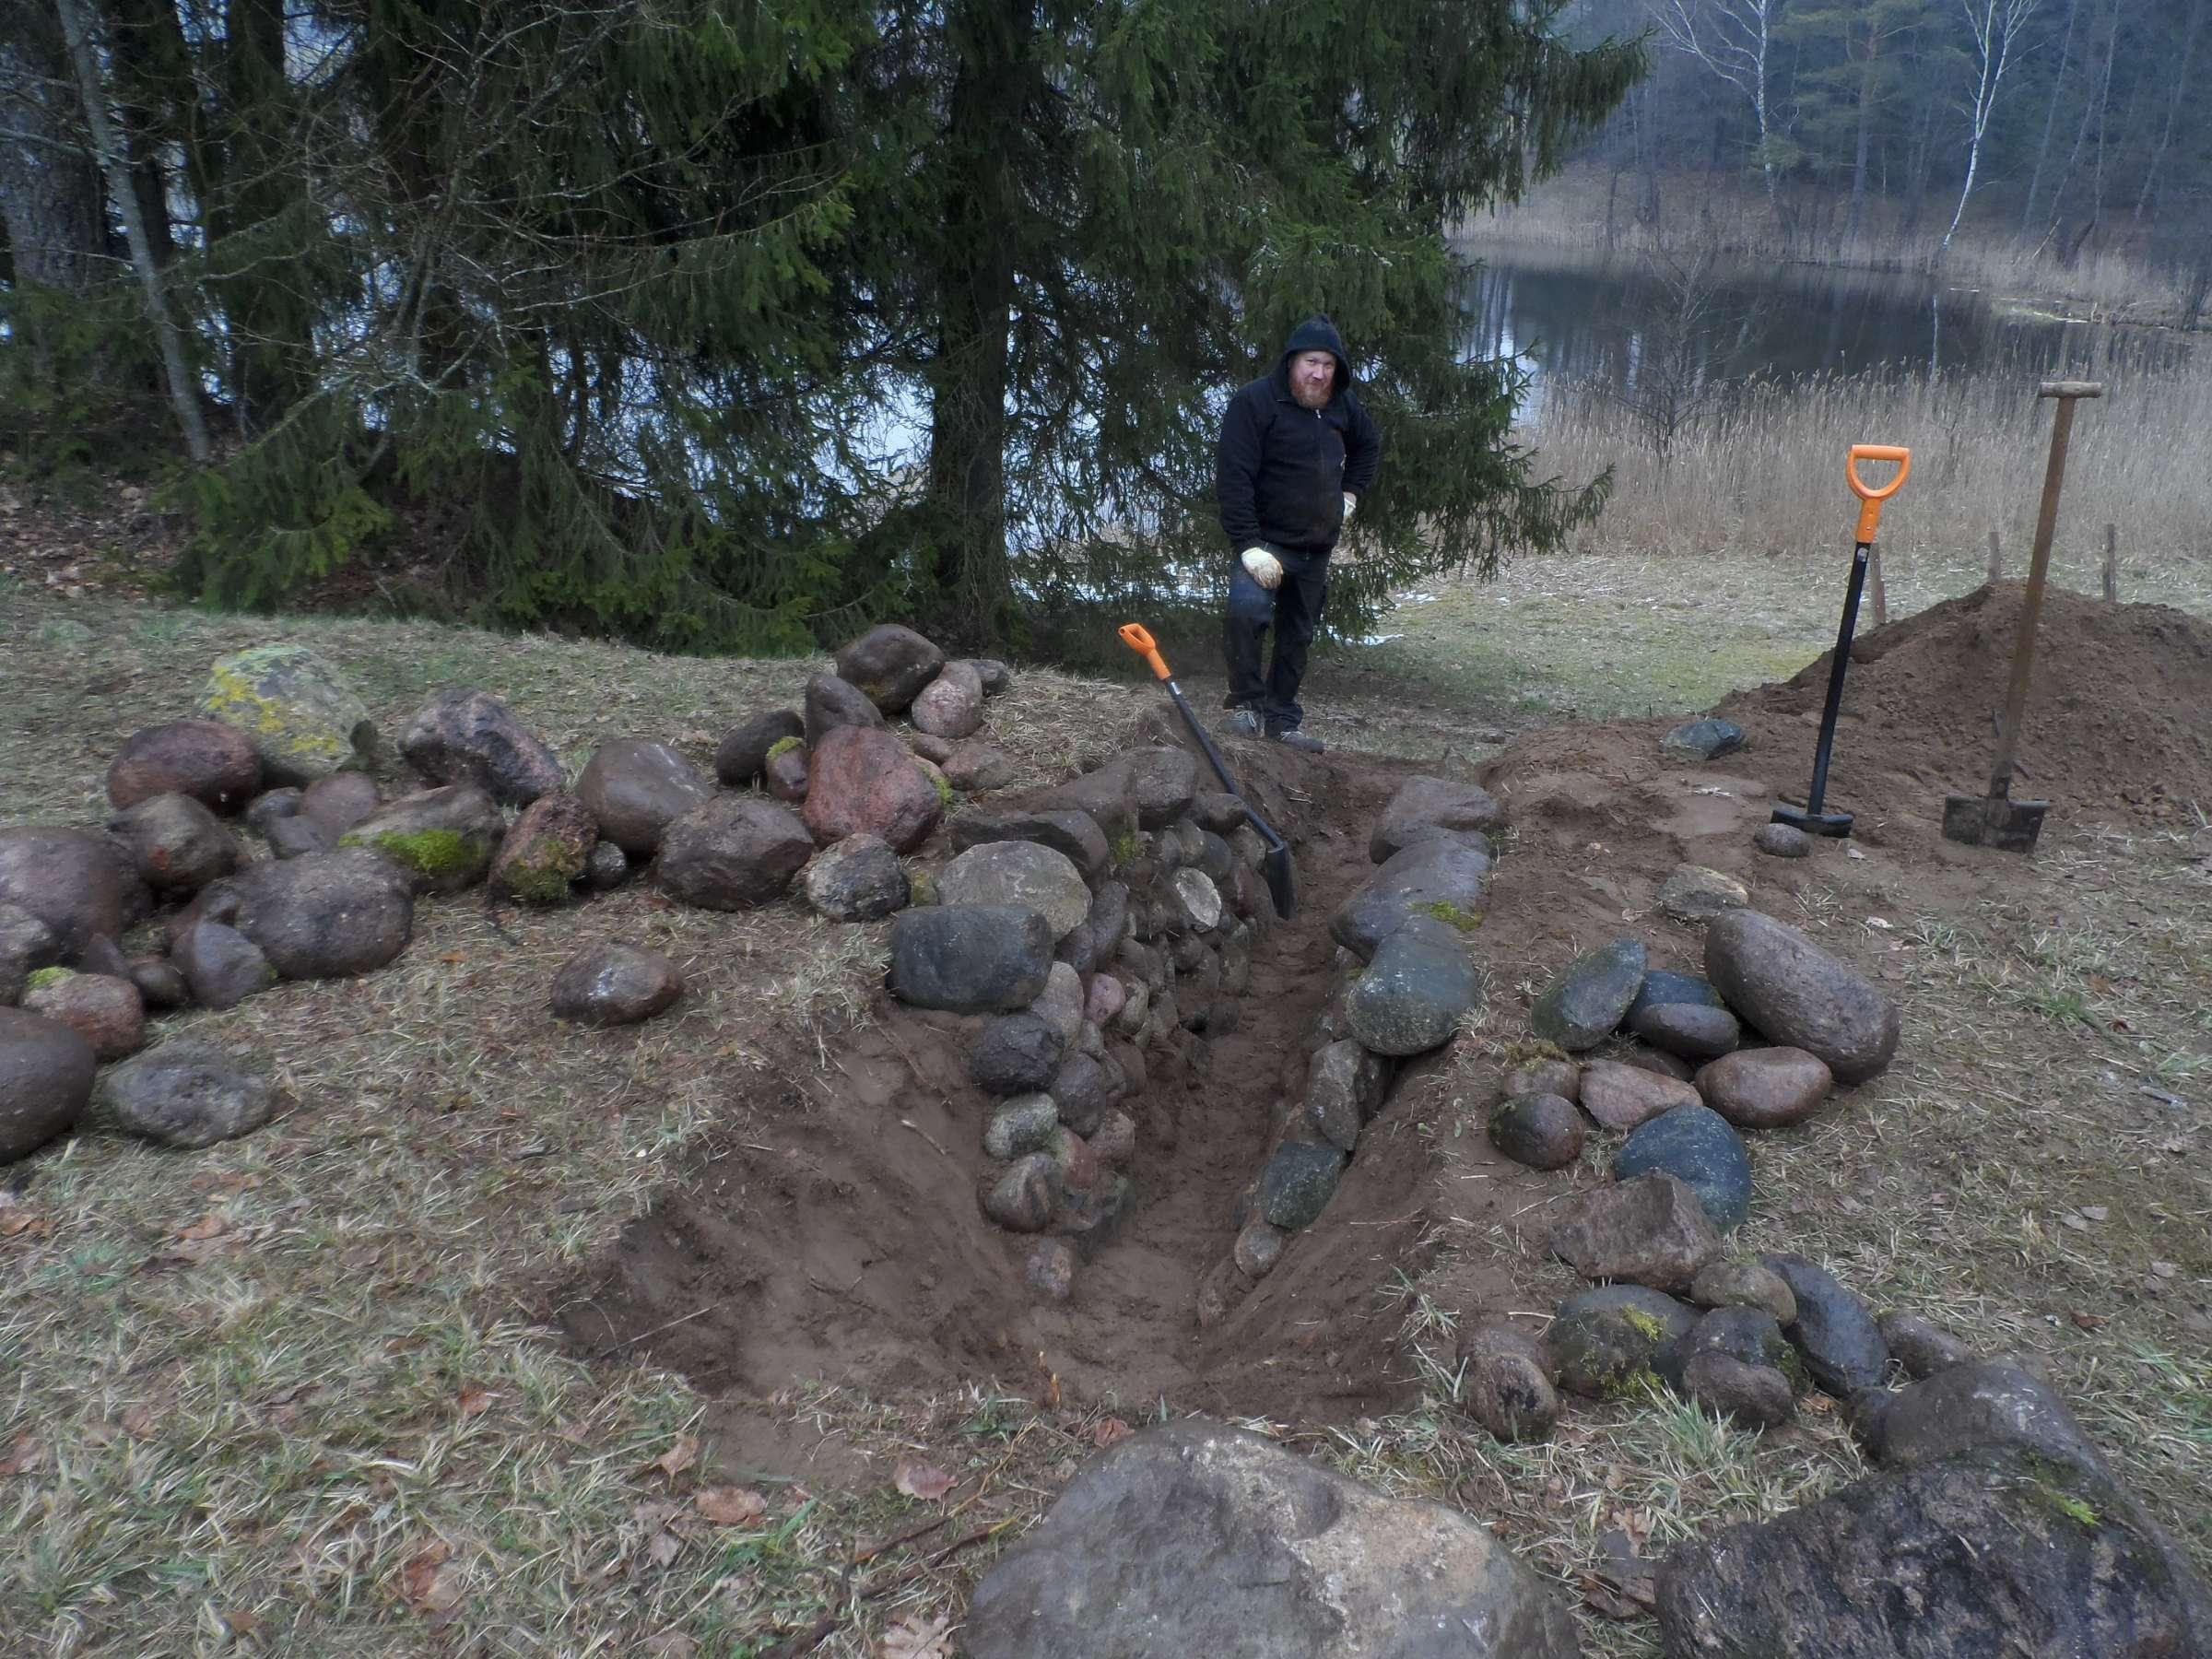 Grįstas guolis žemės ugniai. Kulionis, 2017-04-21 | Alkas.lt, J. Vaiškūno nuotr.